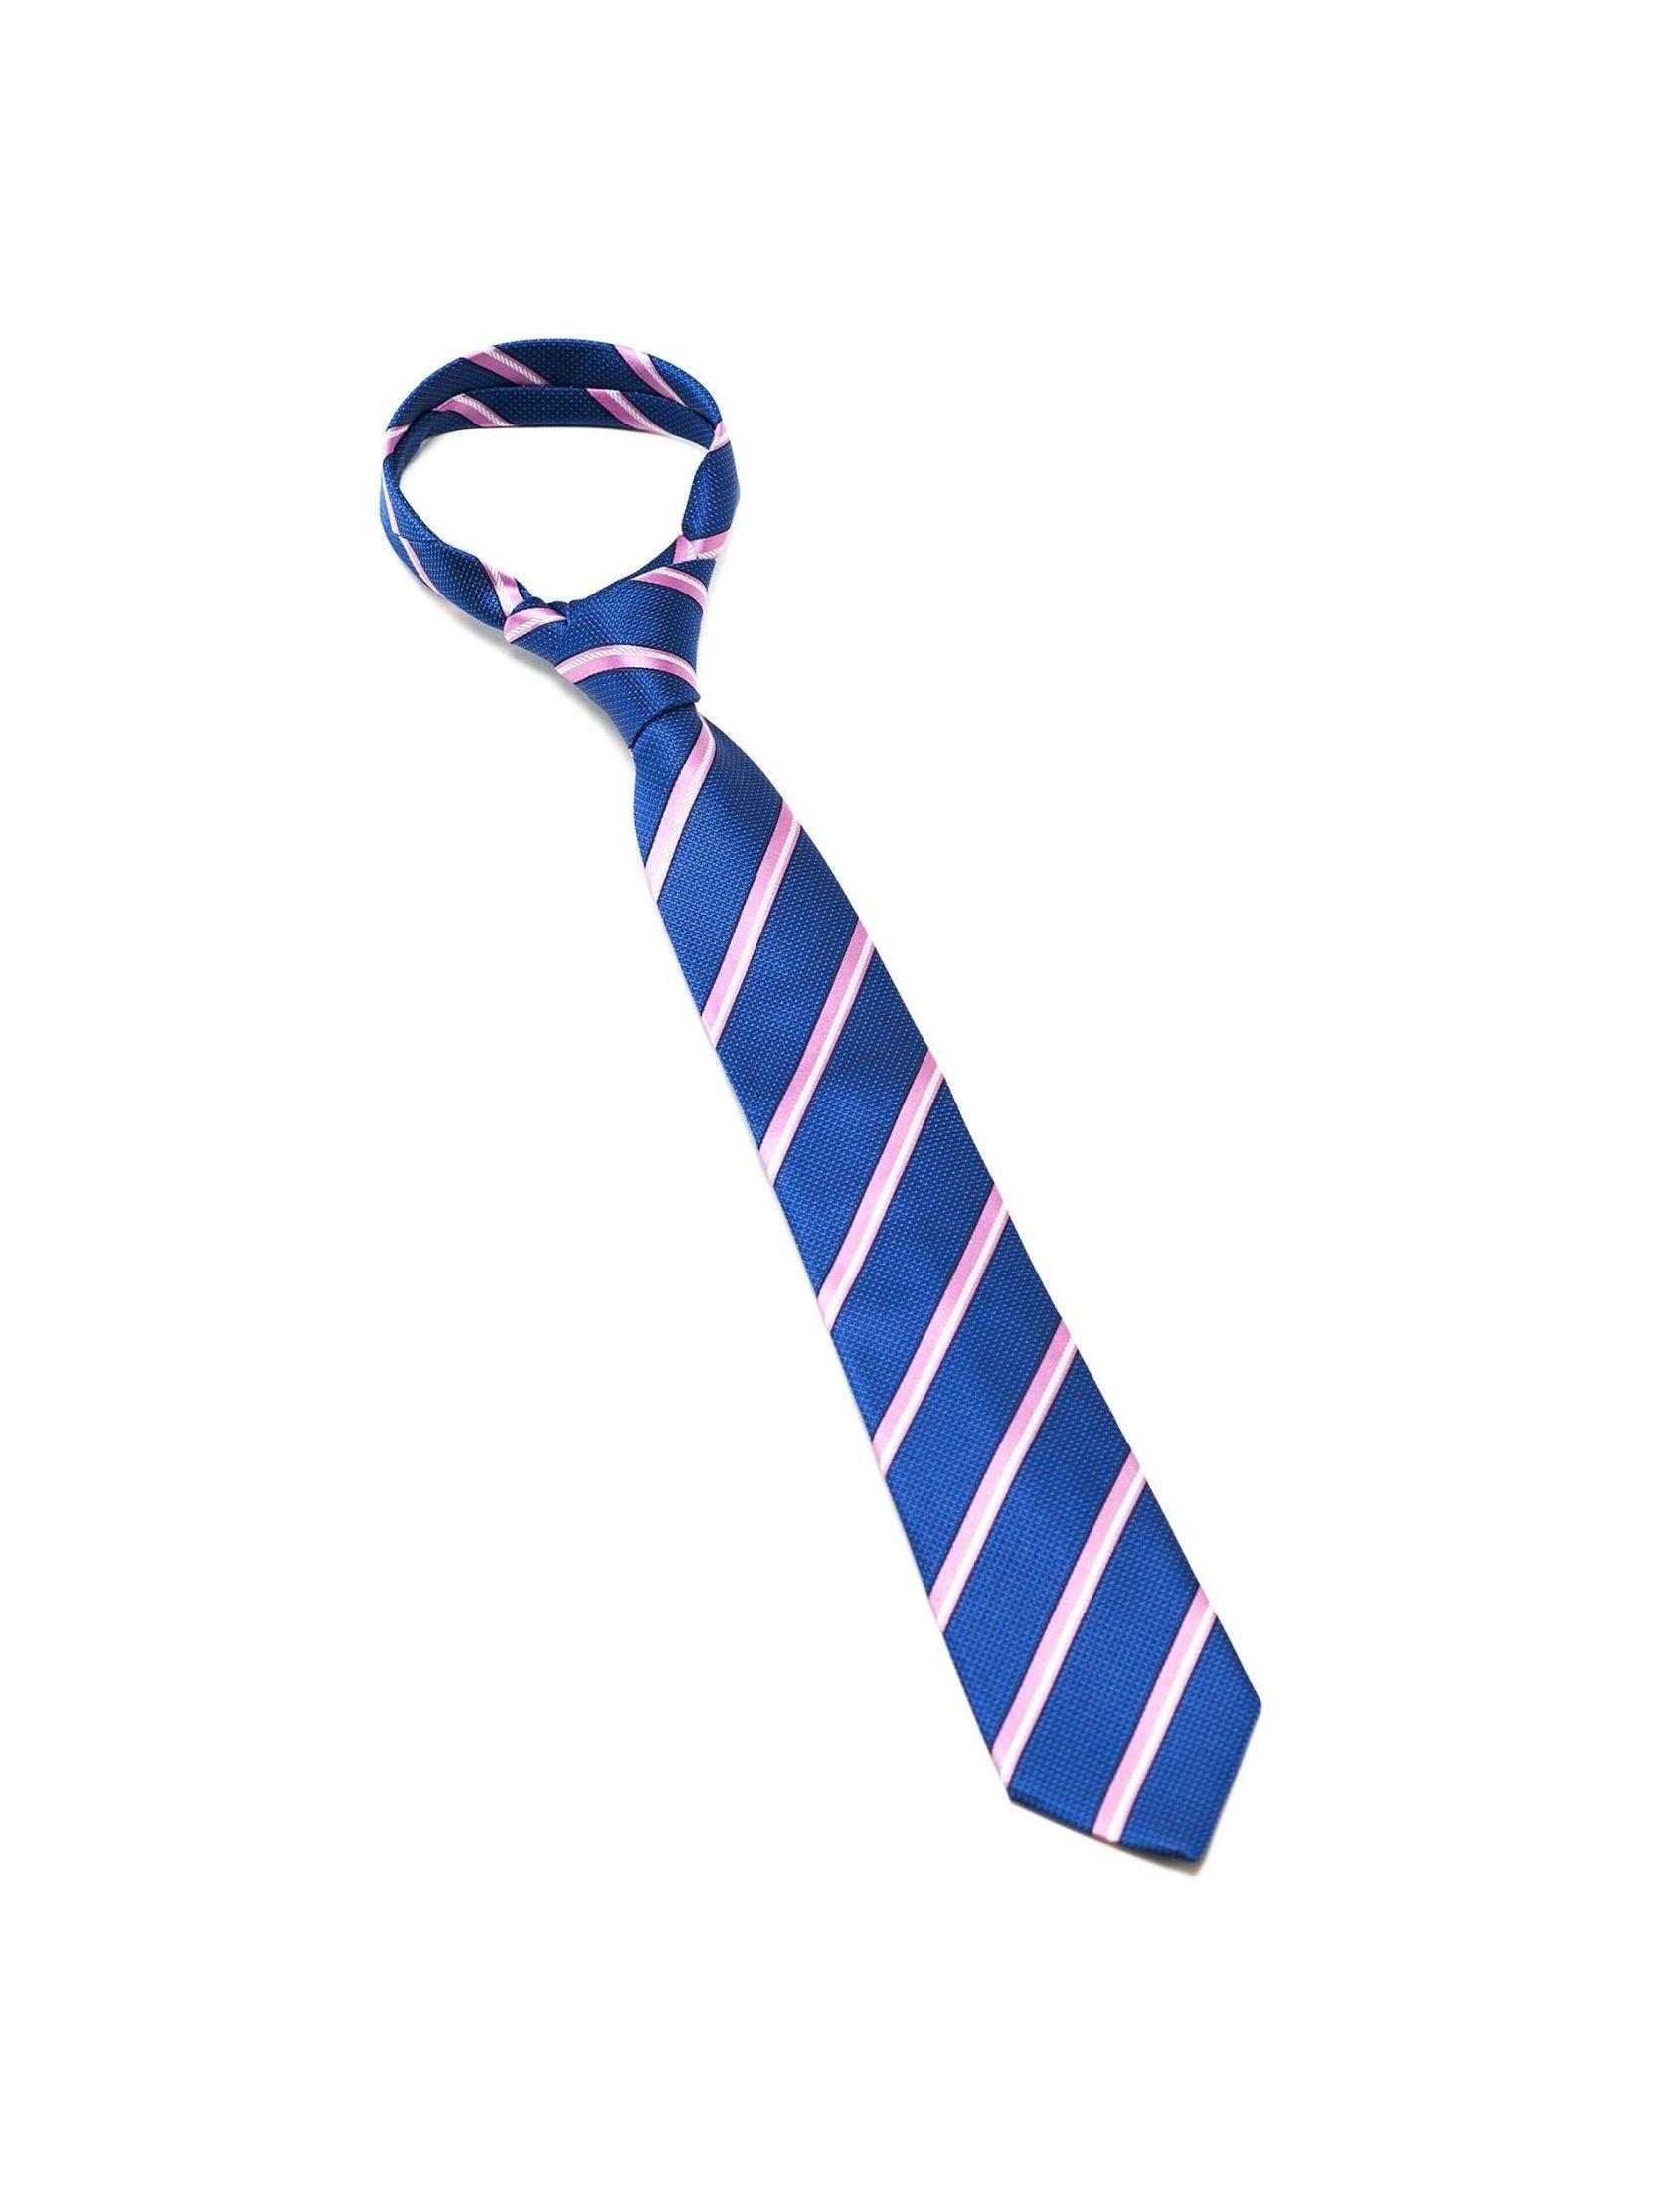 Corbata hombre con estampado de rayas oblicuas en azul y rosa. Fabricada en seda JACQUARD